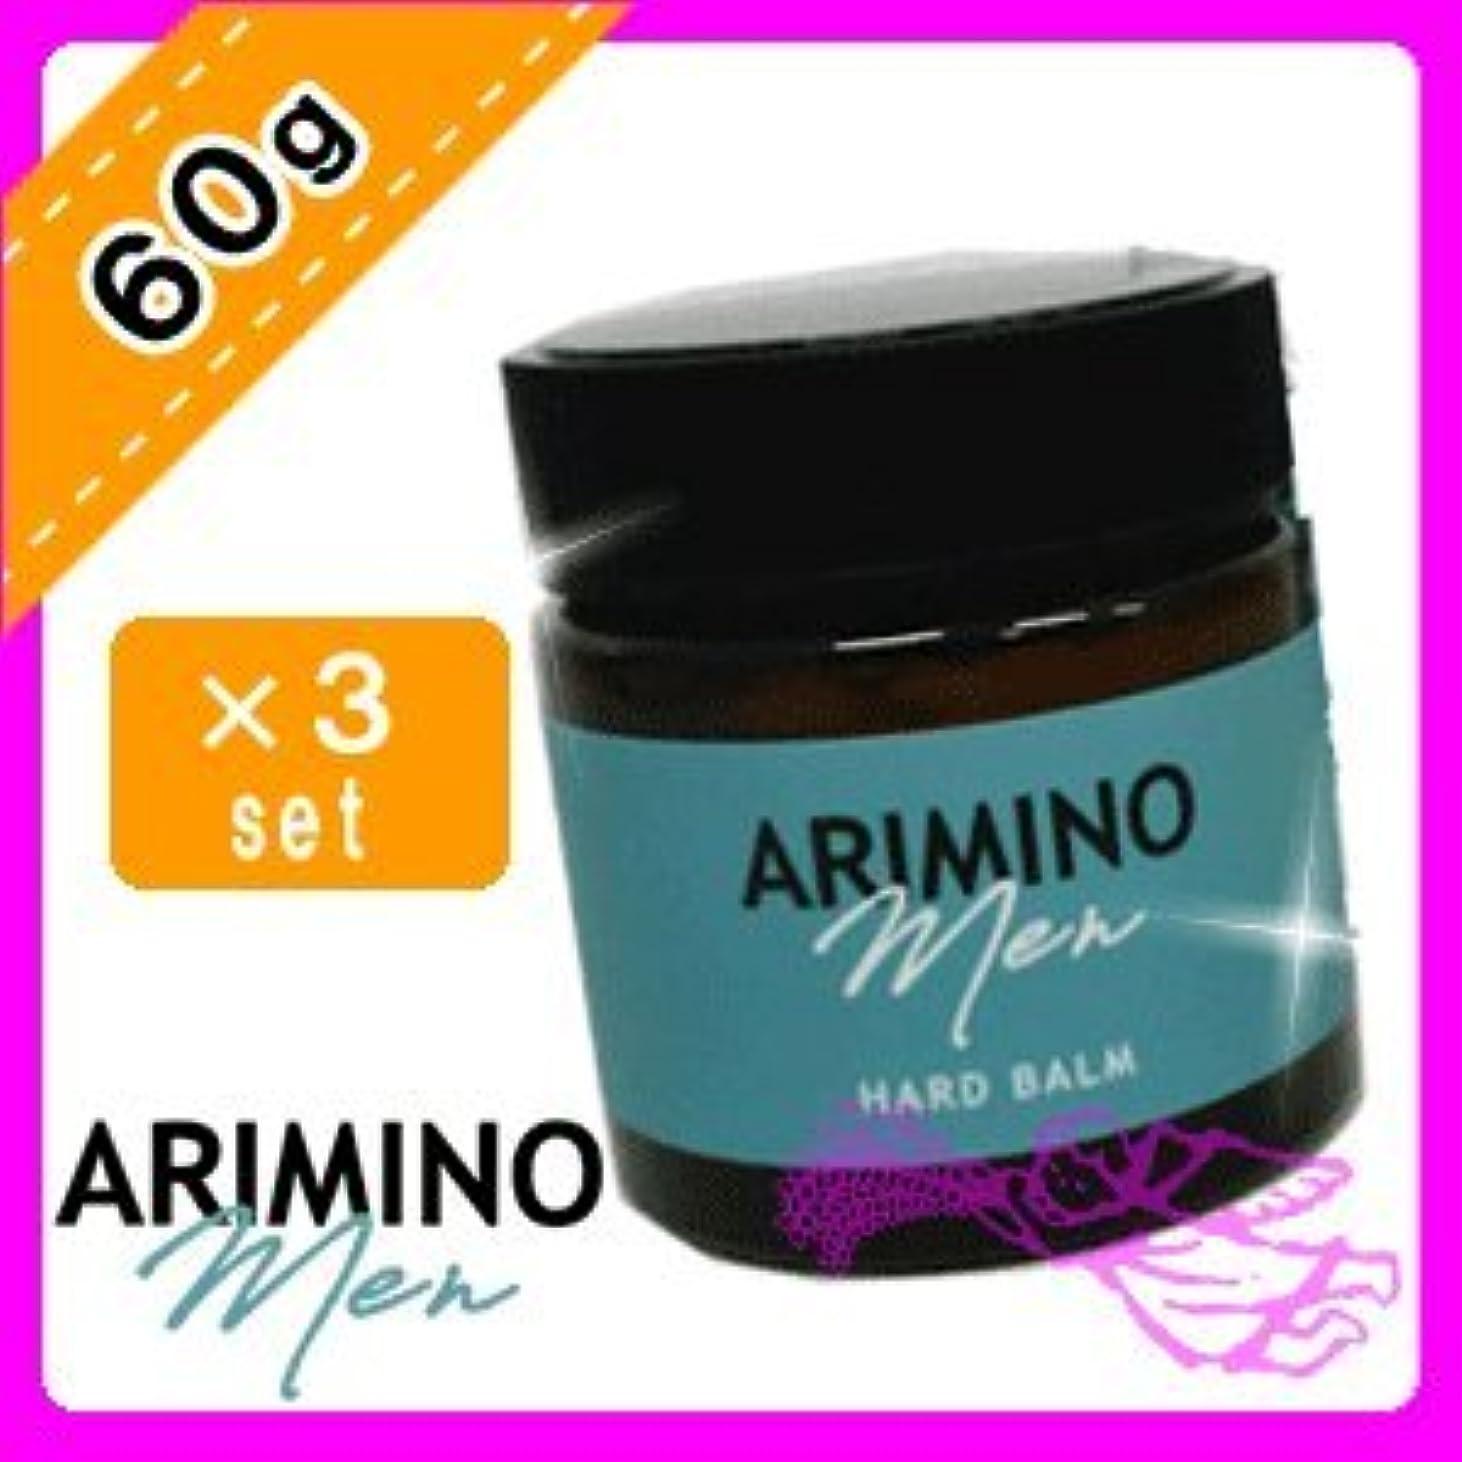 憂鬱な必須のぞき穴アリミノ メン ハード バーム 60g ×3個 セット arimino men